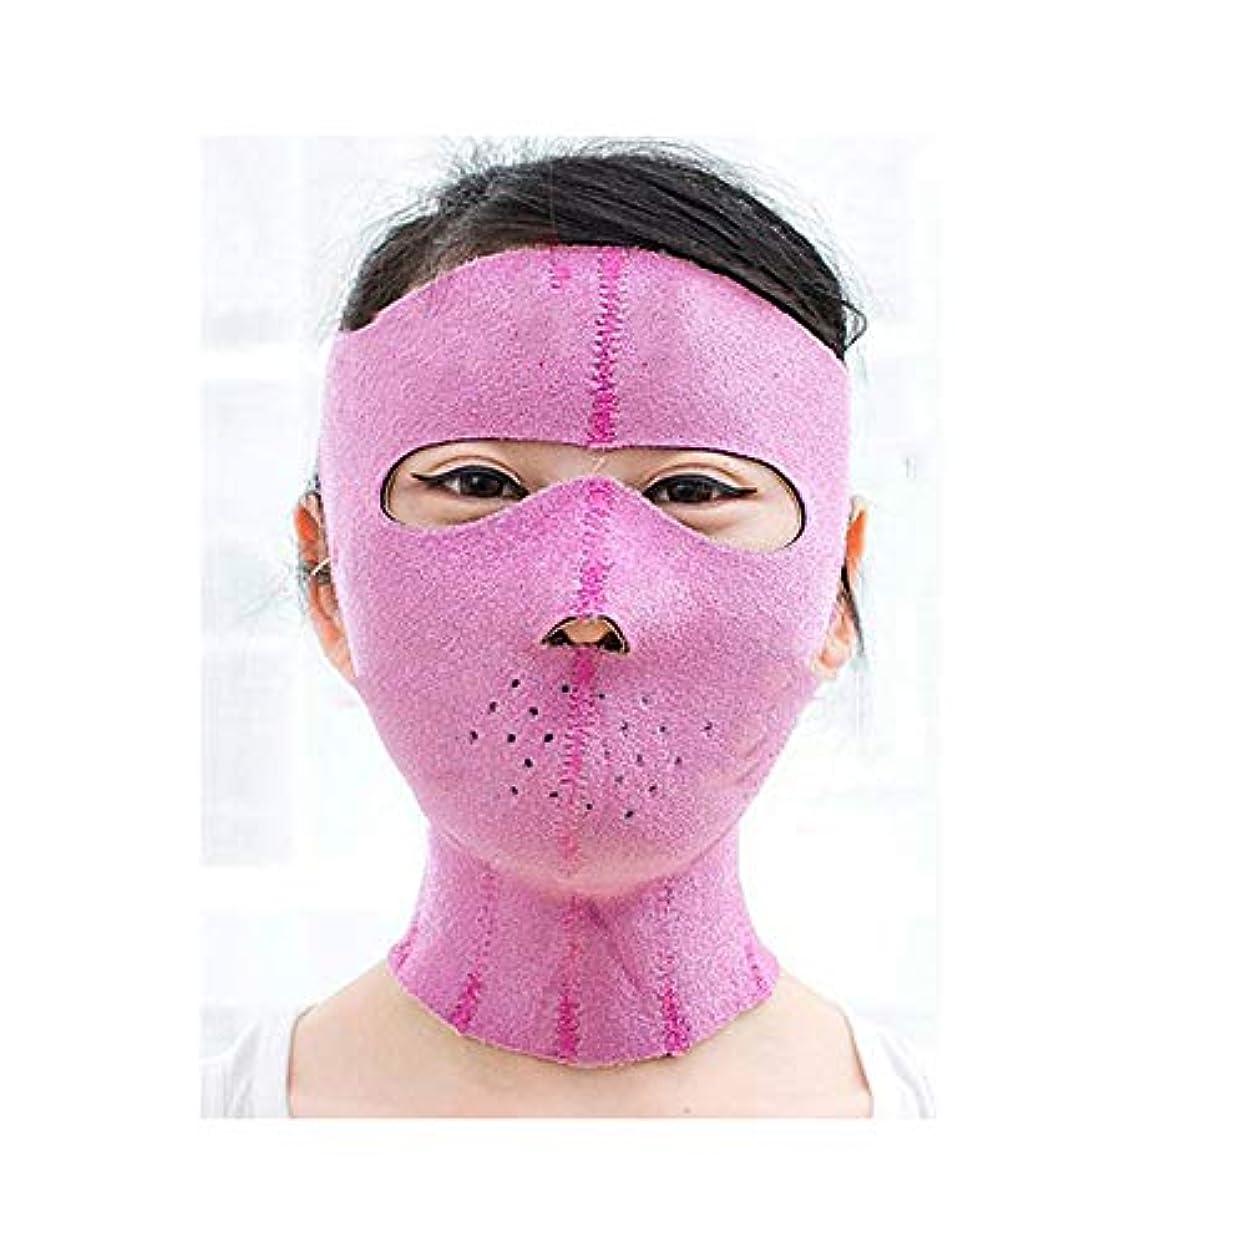 伴う値リマフェイスリフティングサウナマスク、ウィッキングフェイス包帯/スモールフェイスアーチファクト/フェイスマスク(ピンク)